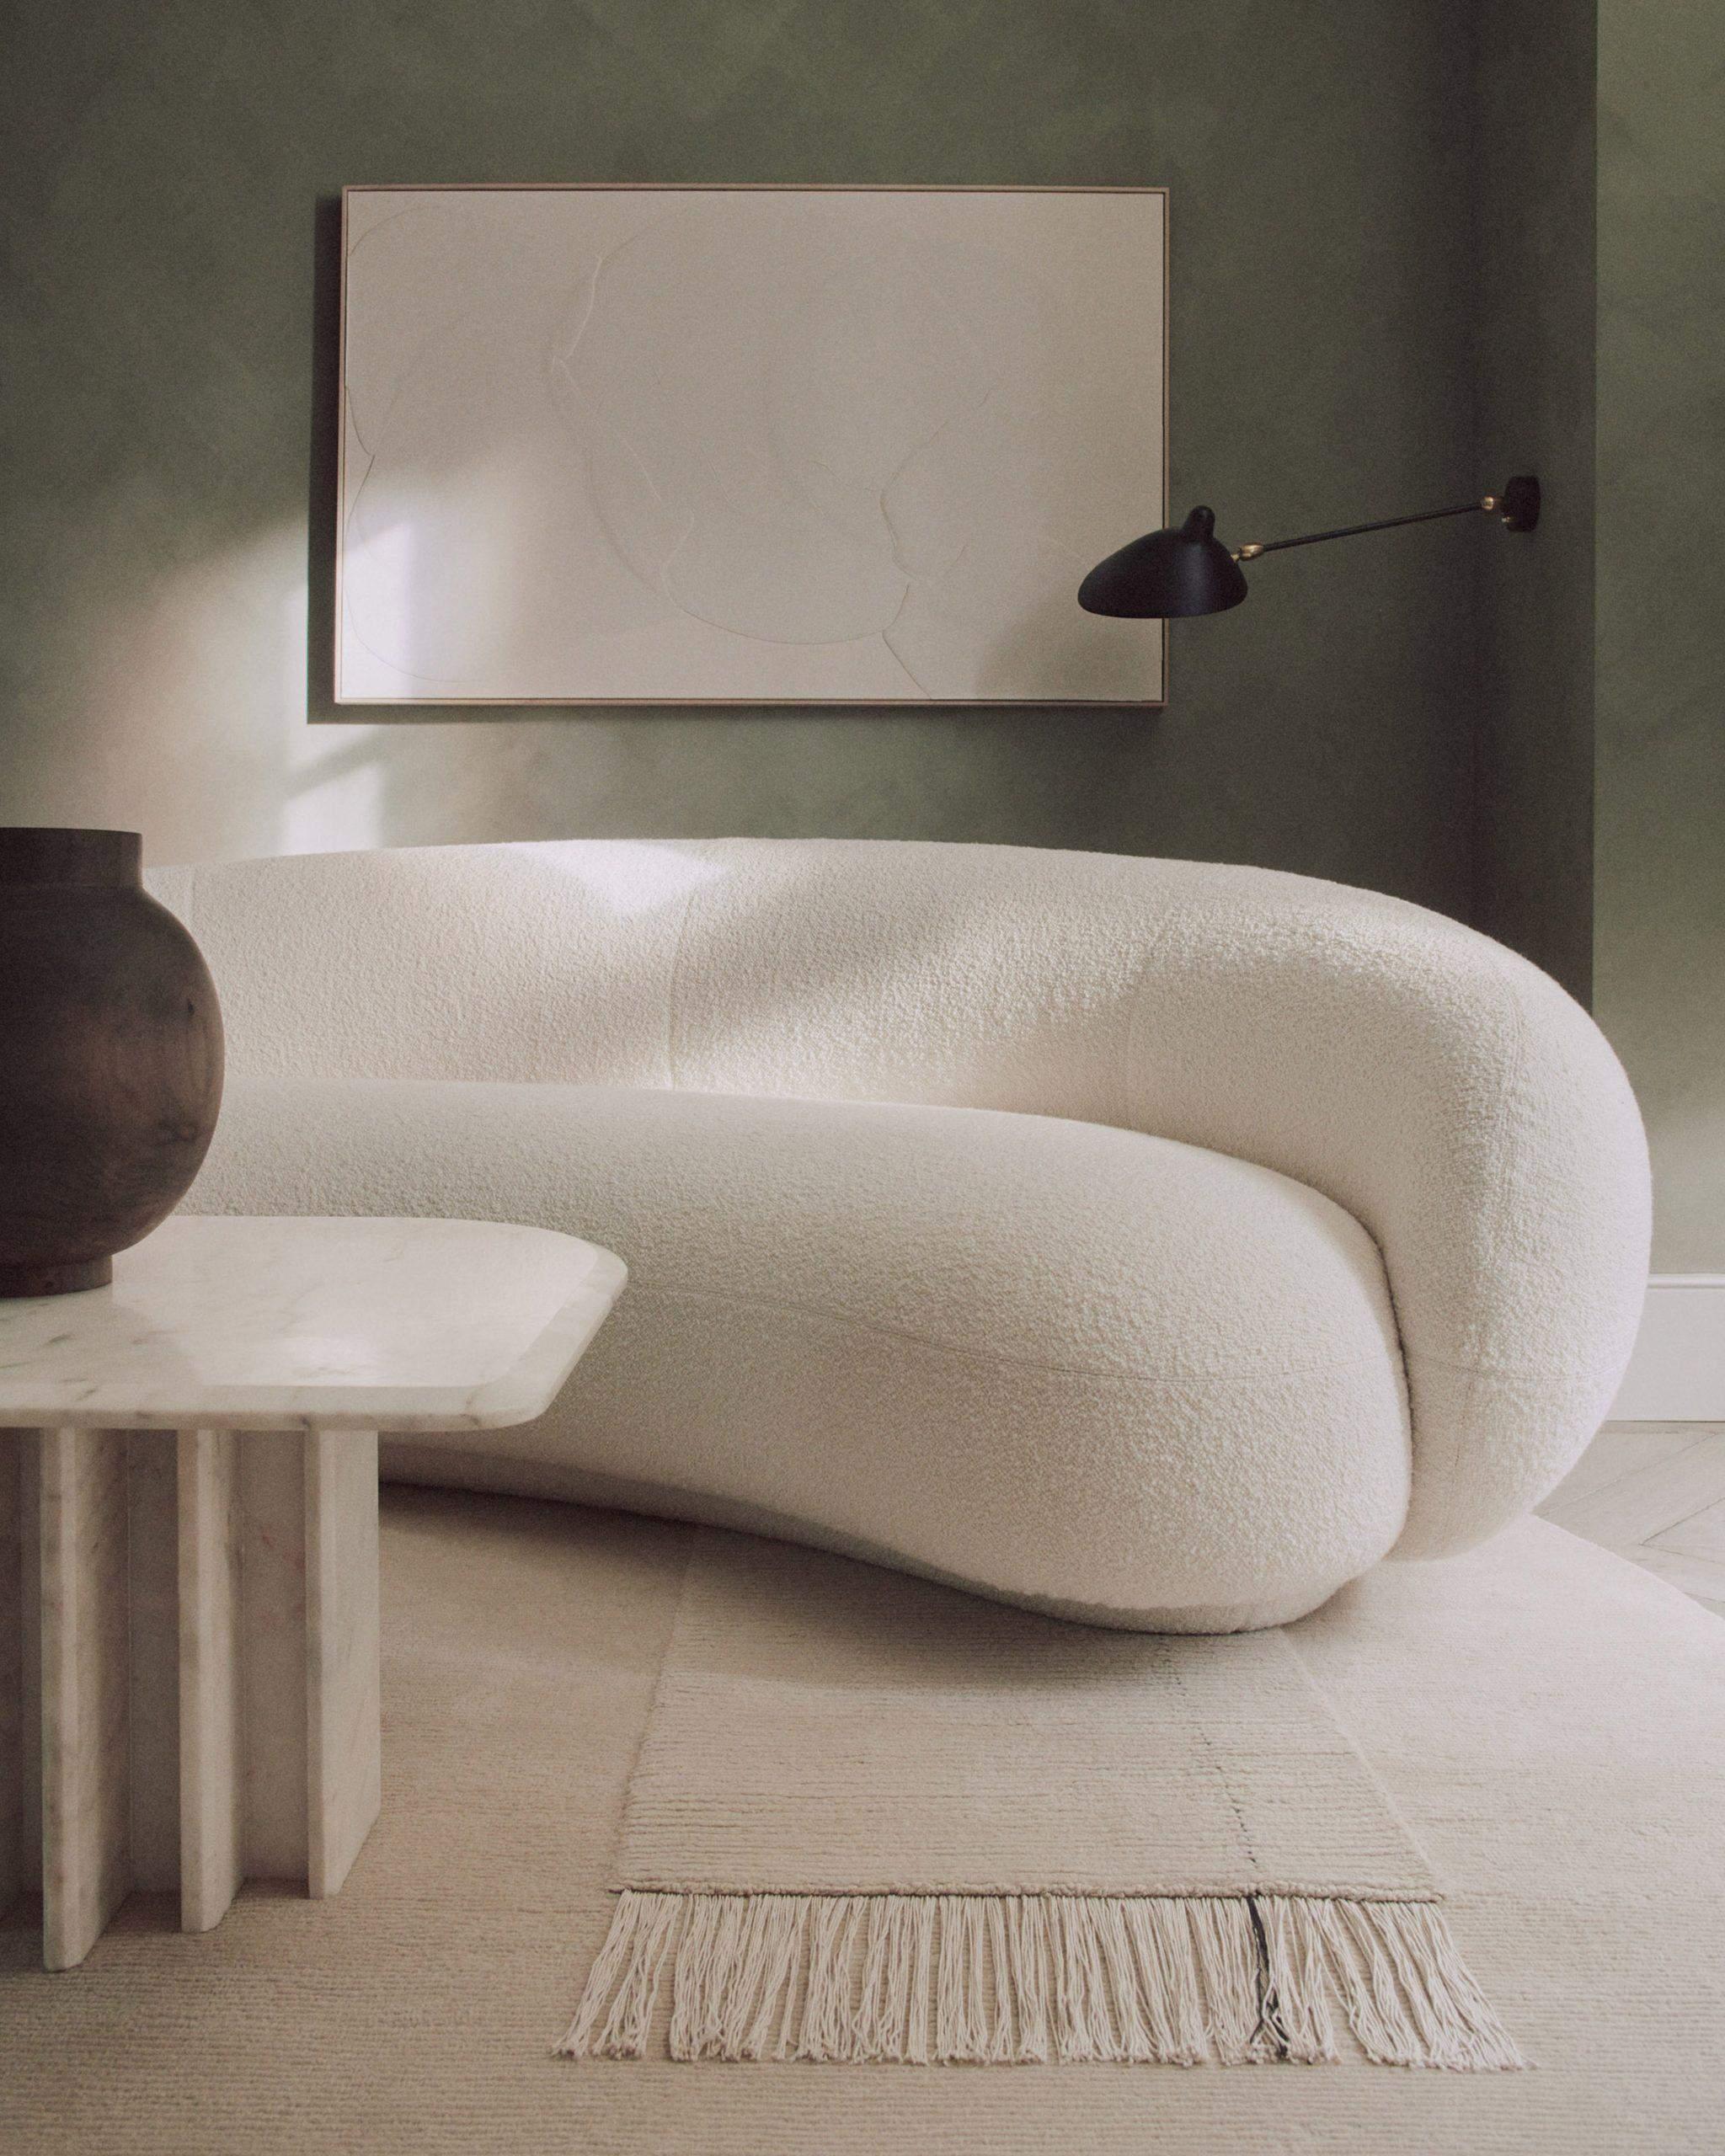 Диван незвичної форми у вітальні доповнює інтер'єр